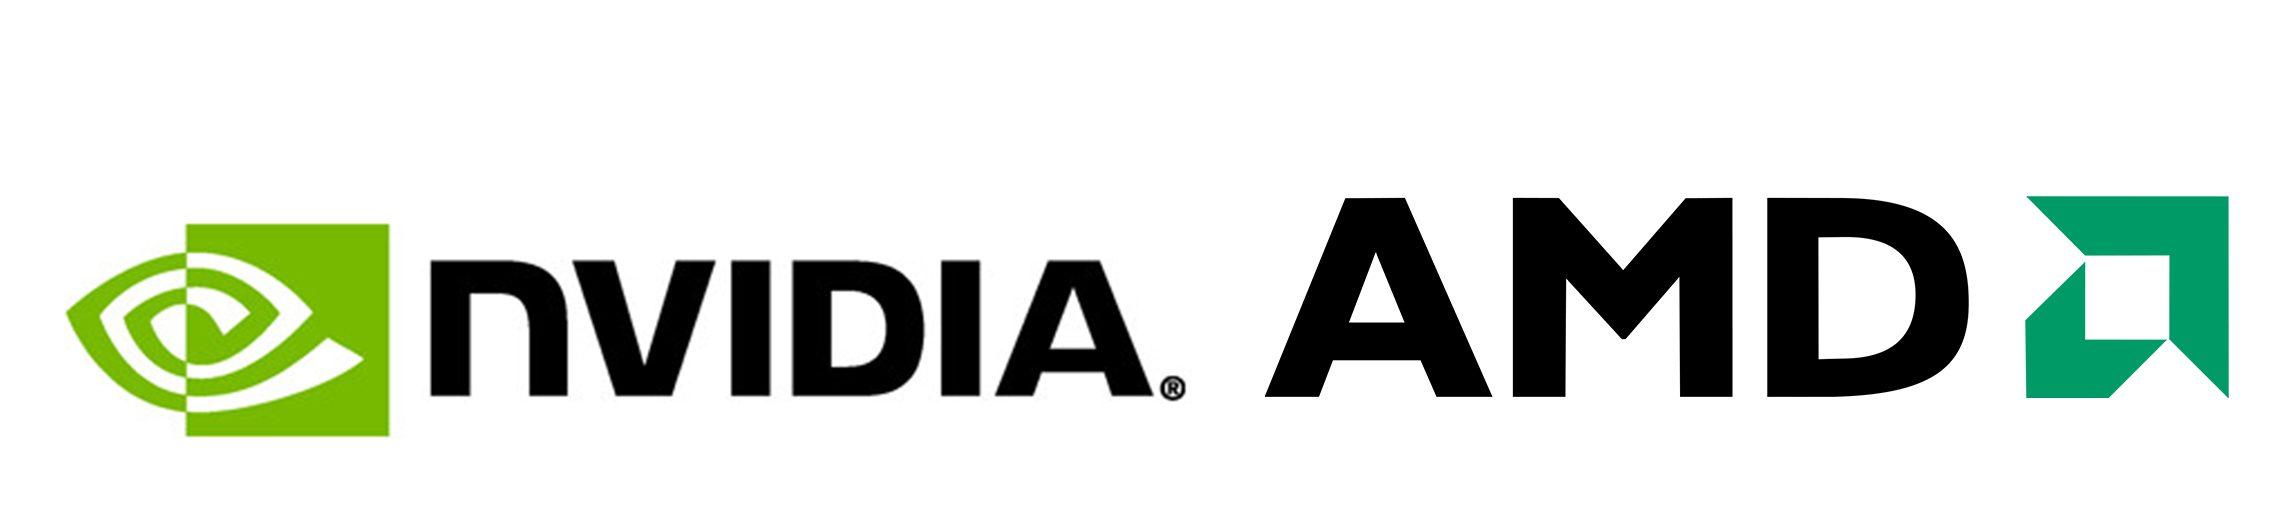 Nvidia & AMD Logos